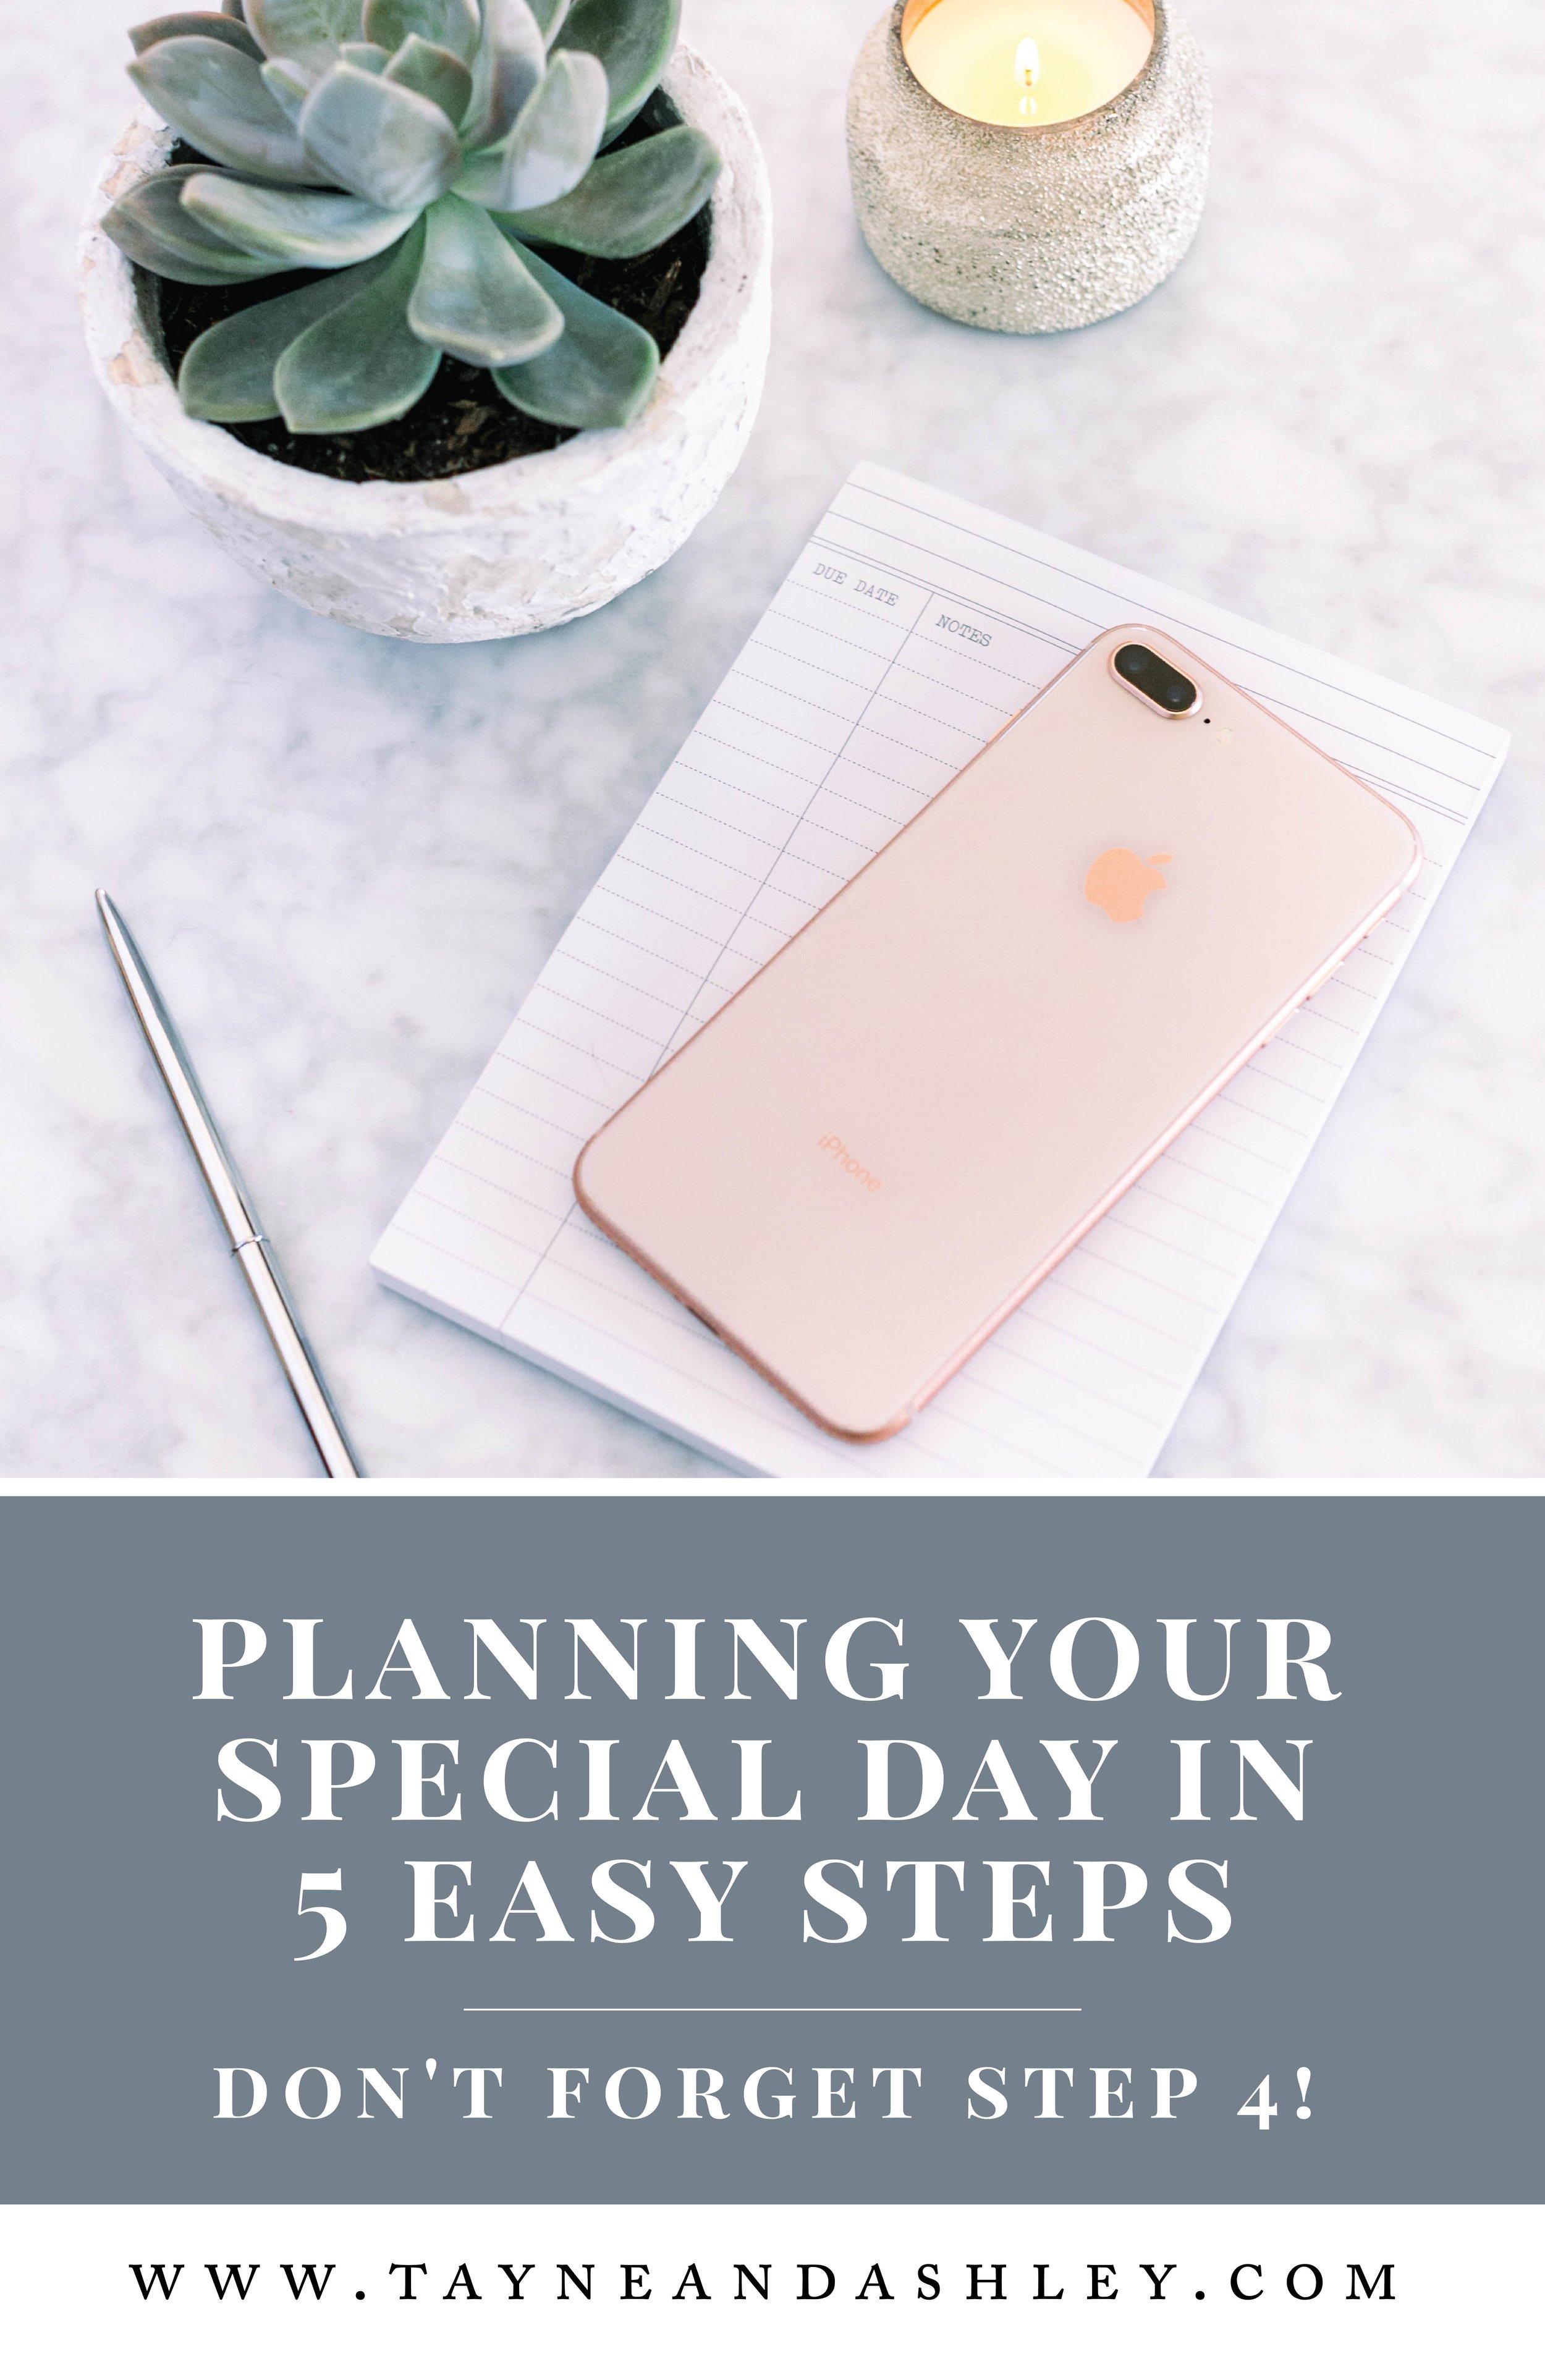 wedding-planning-checklist-Tayne-and-ashley-03.jpg